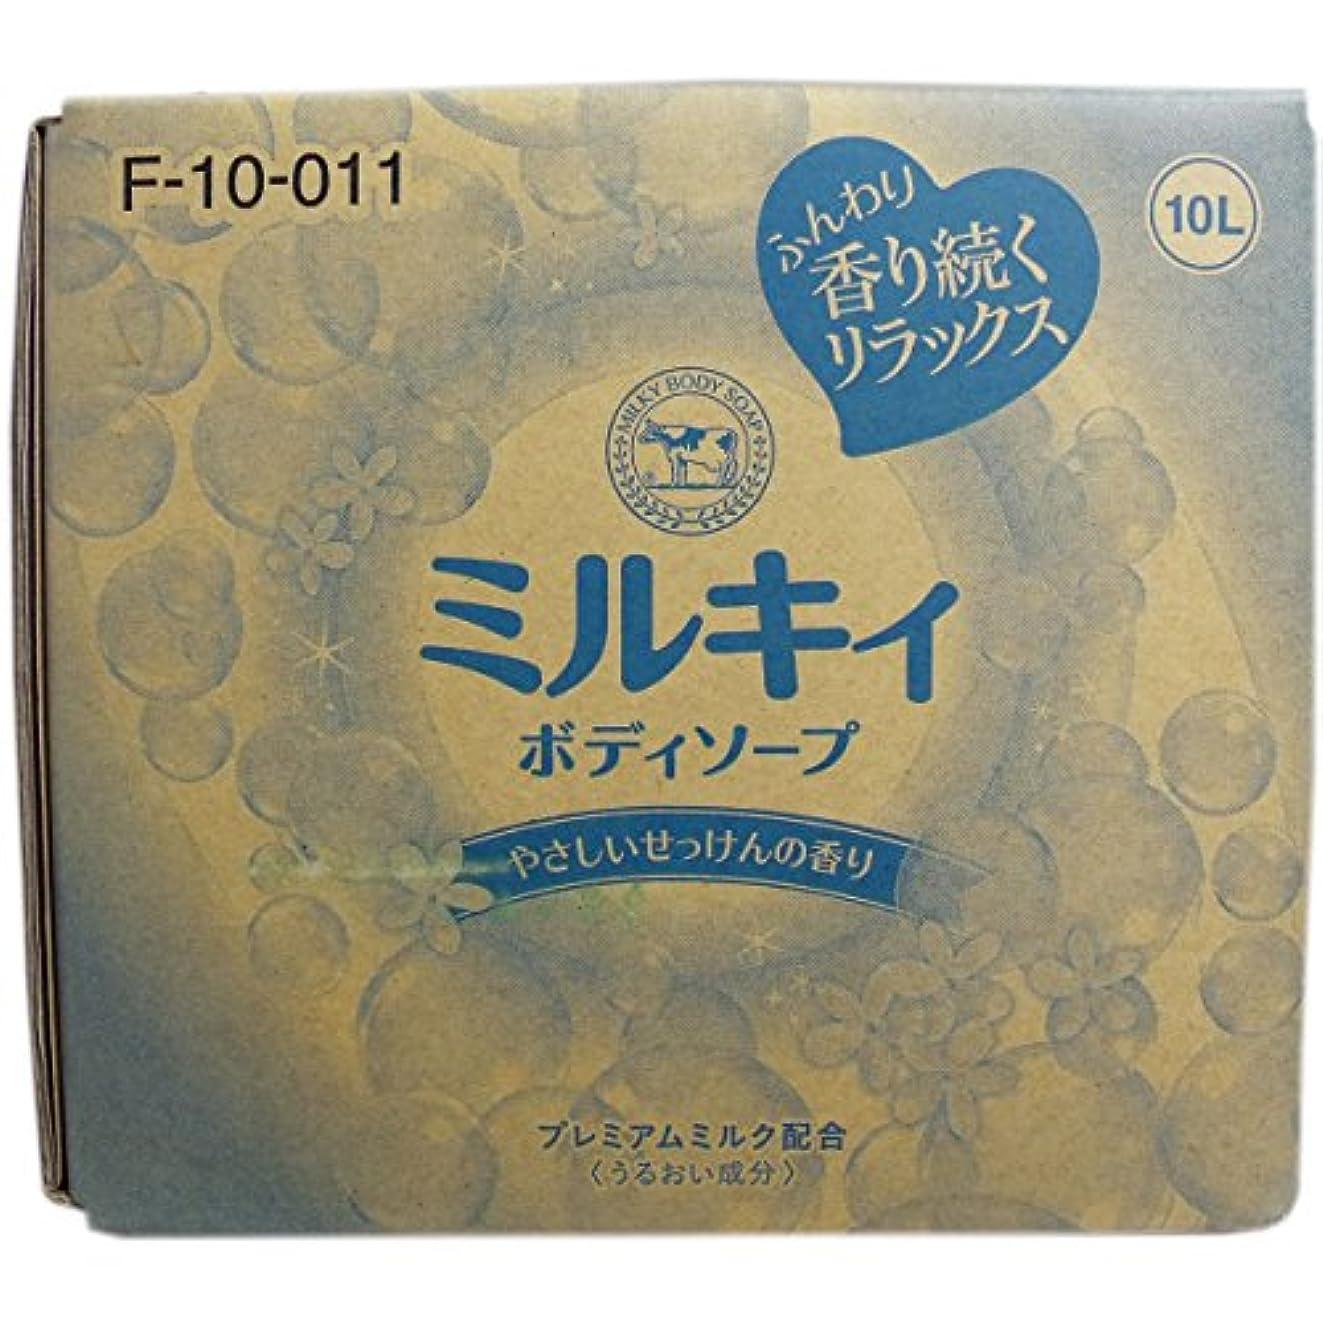 ロッジあいにく韓国業務用ボディーソープ【牛乳石鹸 ミルキィボディソープ やさしいせっけんの香り 10L】